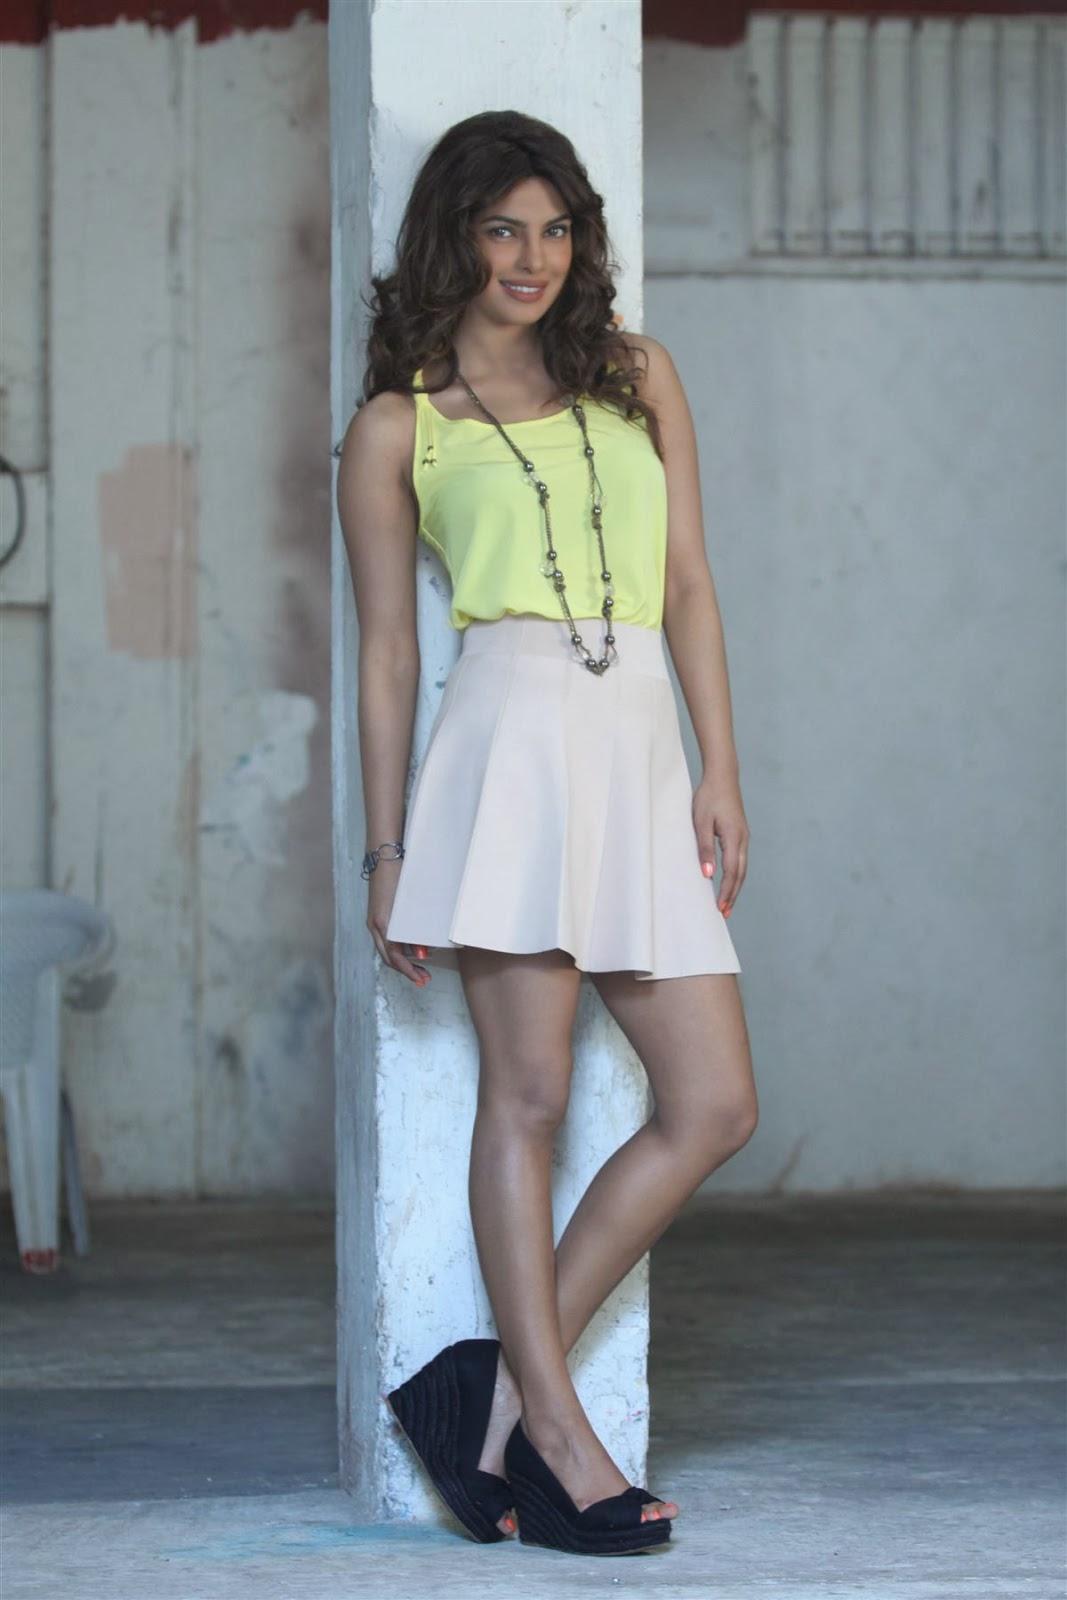 Priyanka Chopra hot Stills ~ High Resolution Pictures